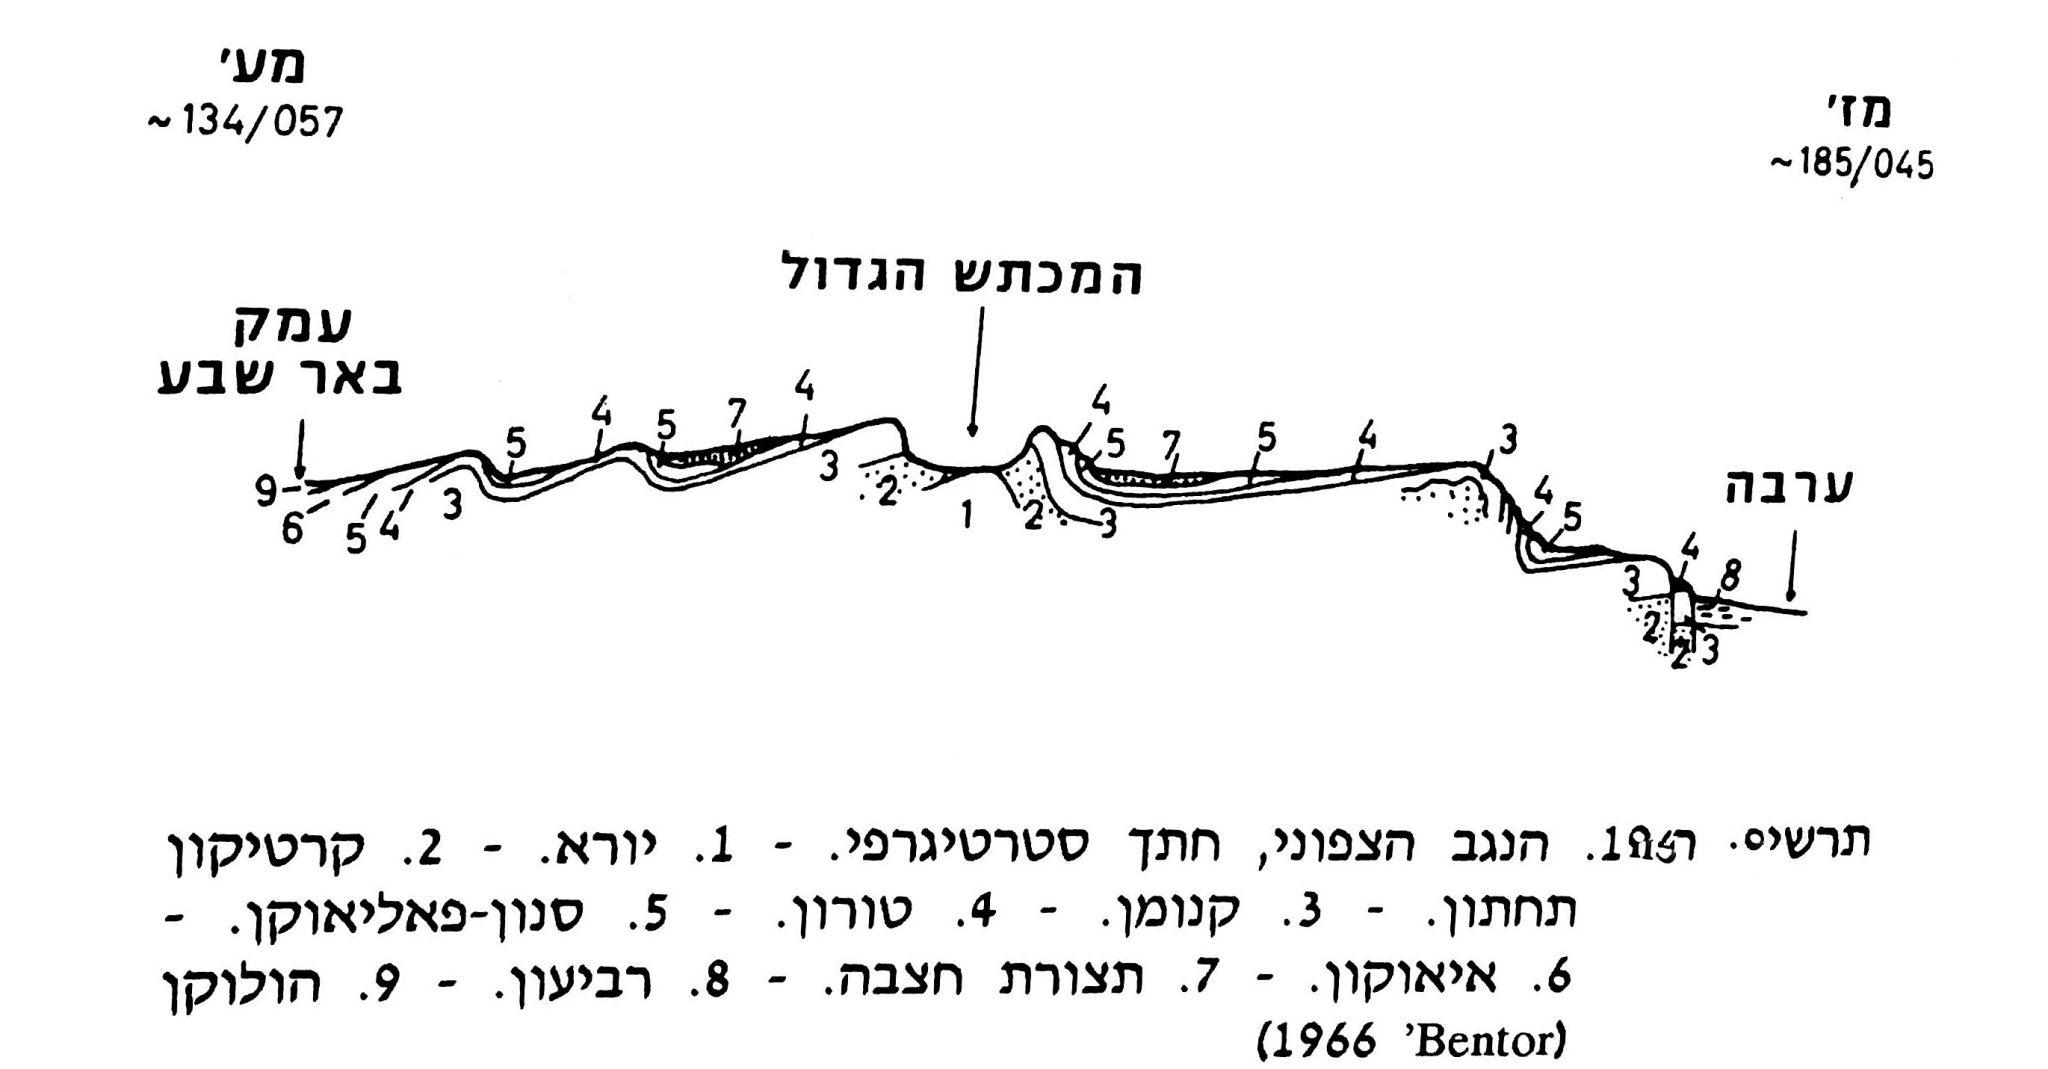 תרשים חתך במכתש גדול (גיאומורפולוגיה של ארץ ישראל, ד' ניר 1989, עמ' 181)